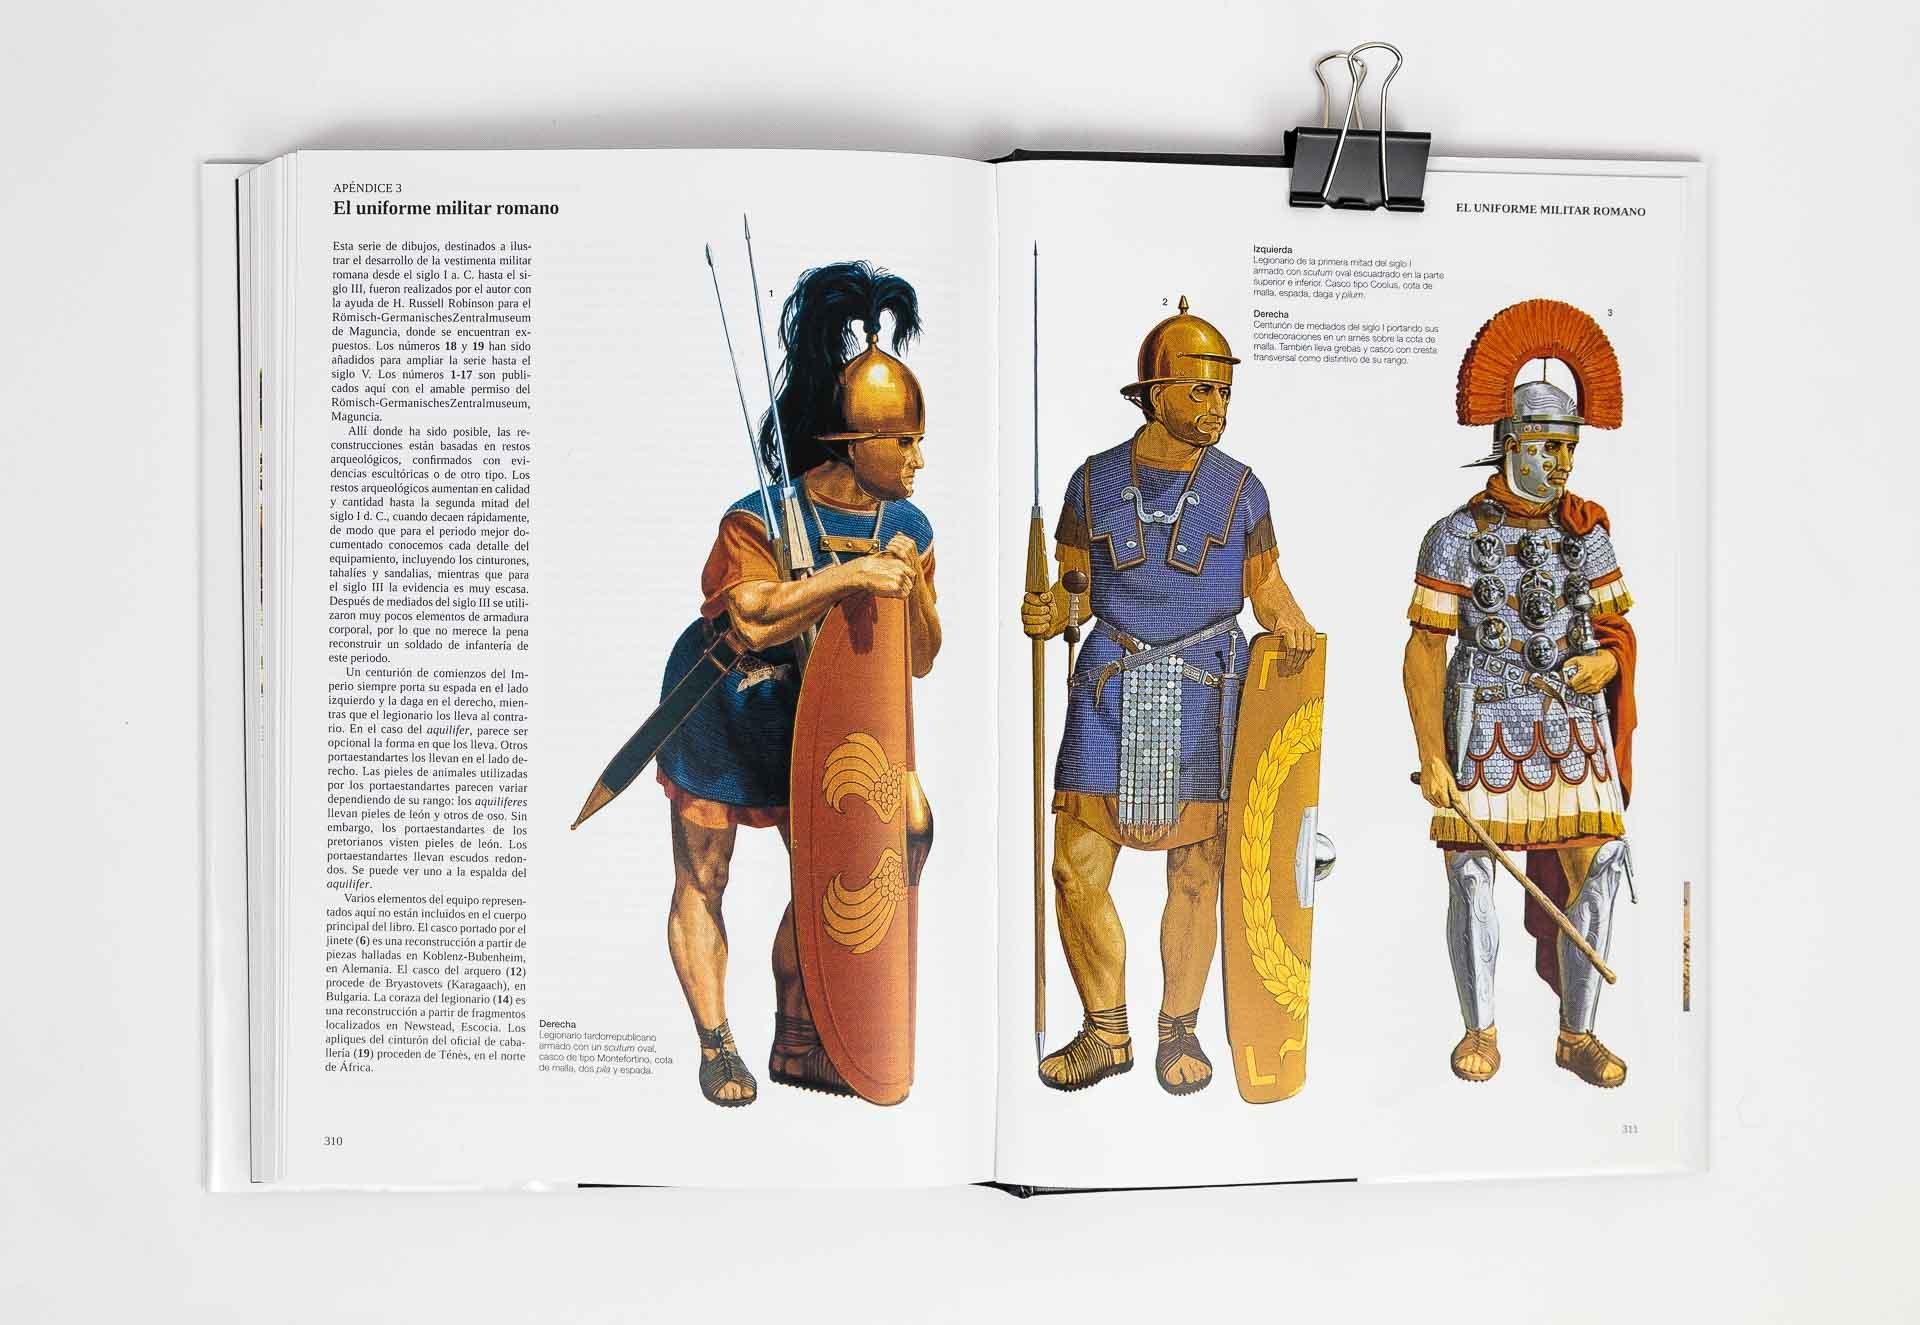 La guerra en Grecia y Roma (Ilustrados): Amazon.es: Peter Connolly, Alberto Pérez Rubio, Gustavo Jiménez García, Eduardo Kavanagh, Howard H. Scullard, ...